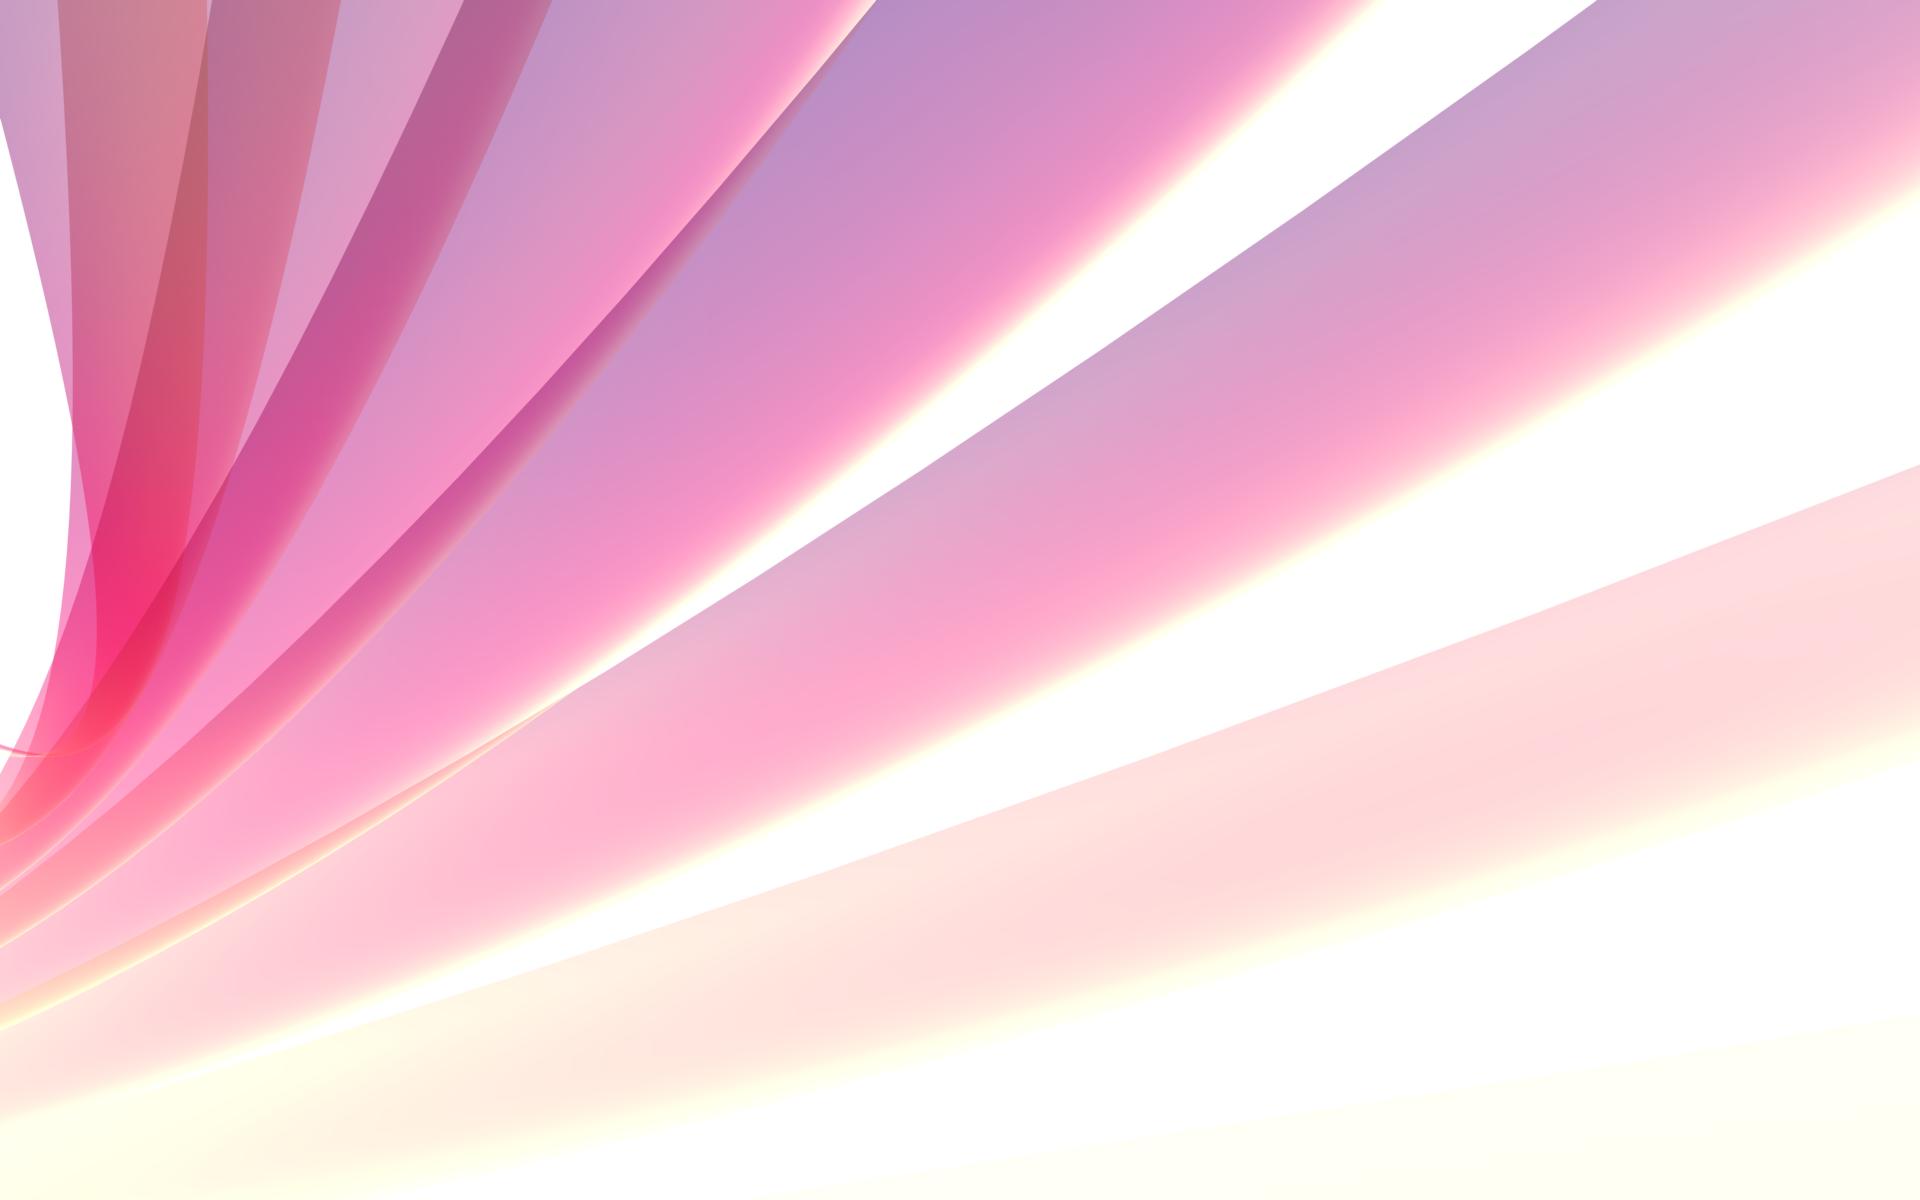 華やかなピンクが目を引く!効果的な色使いのWEBサイト